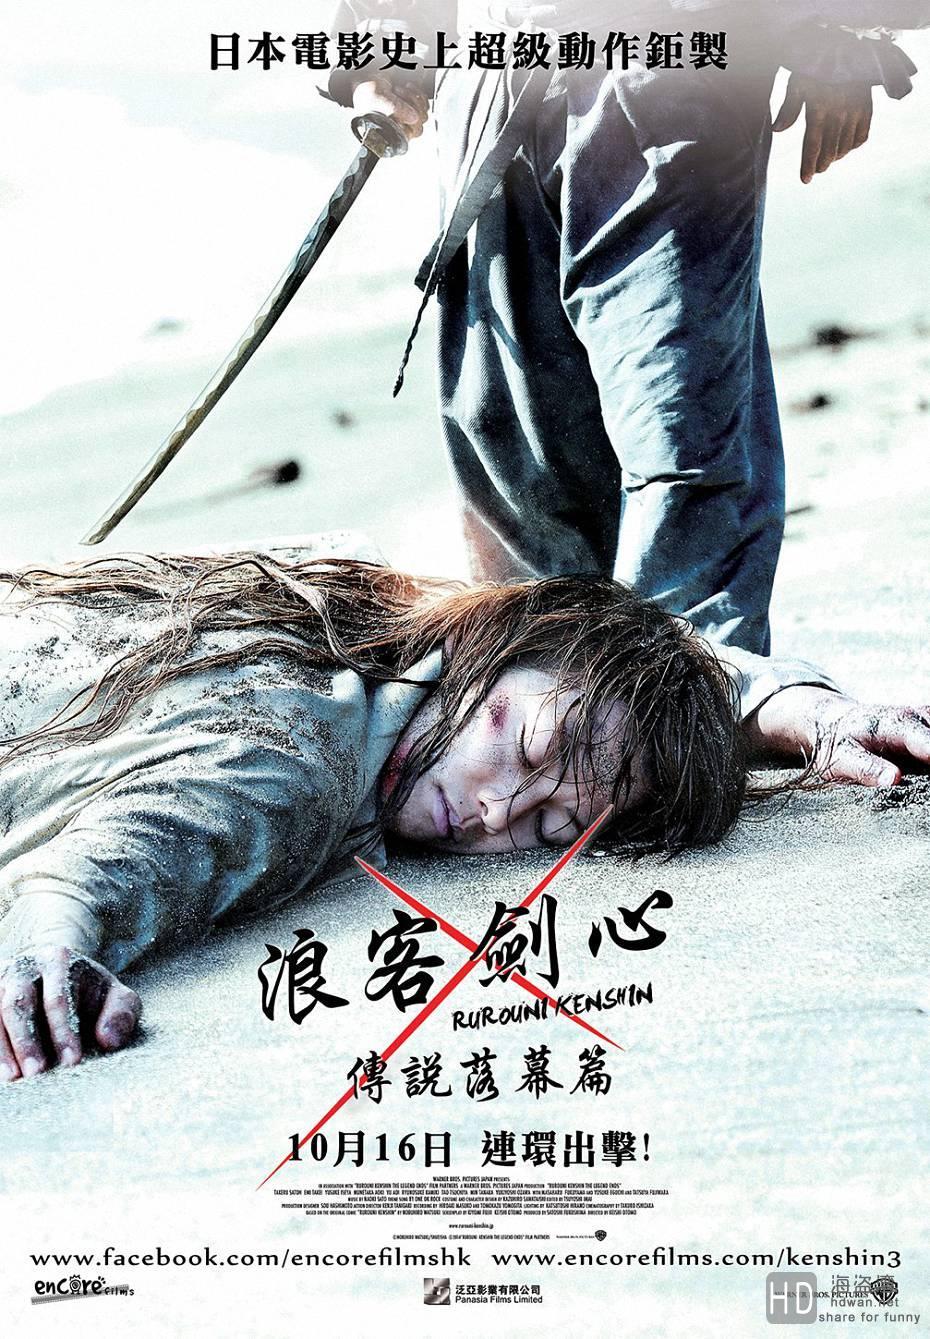 [2014][日本][战争/剧情/动作][浪客剑心:传说的完结篇][HD1280超清][中文字幕]